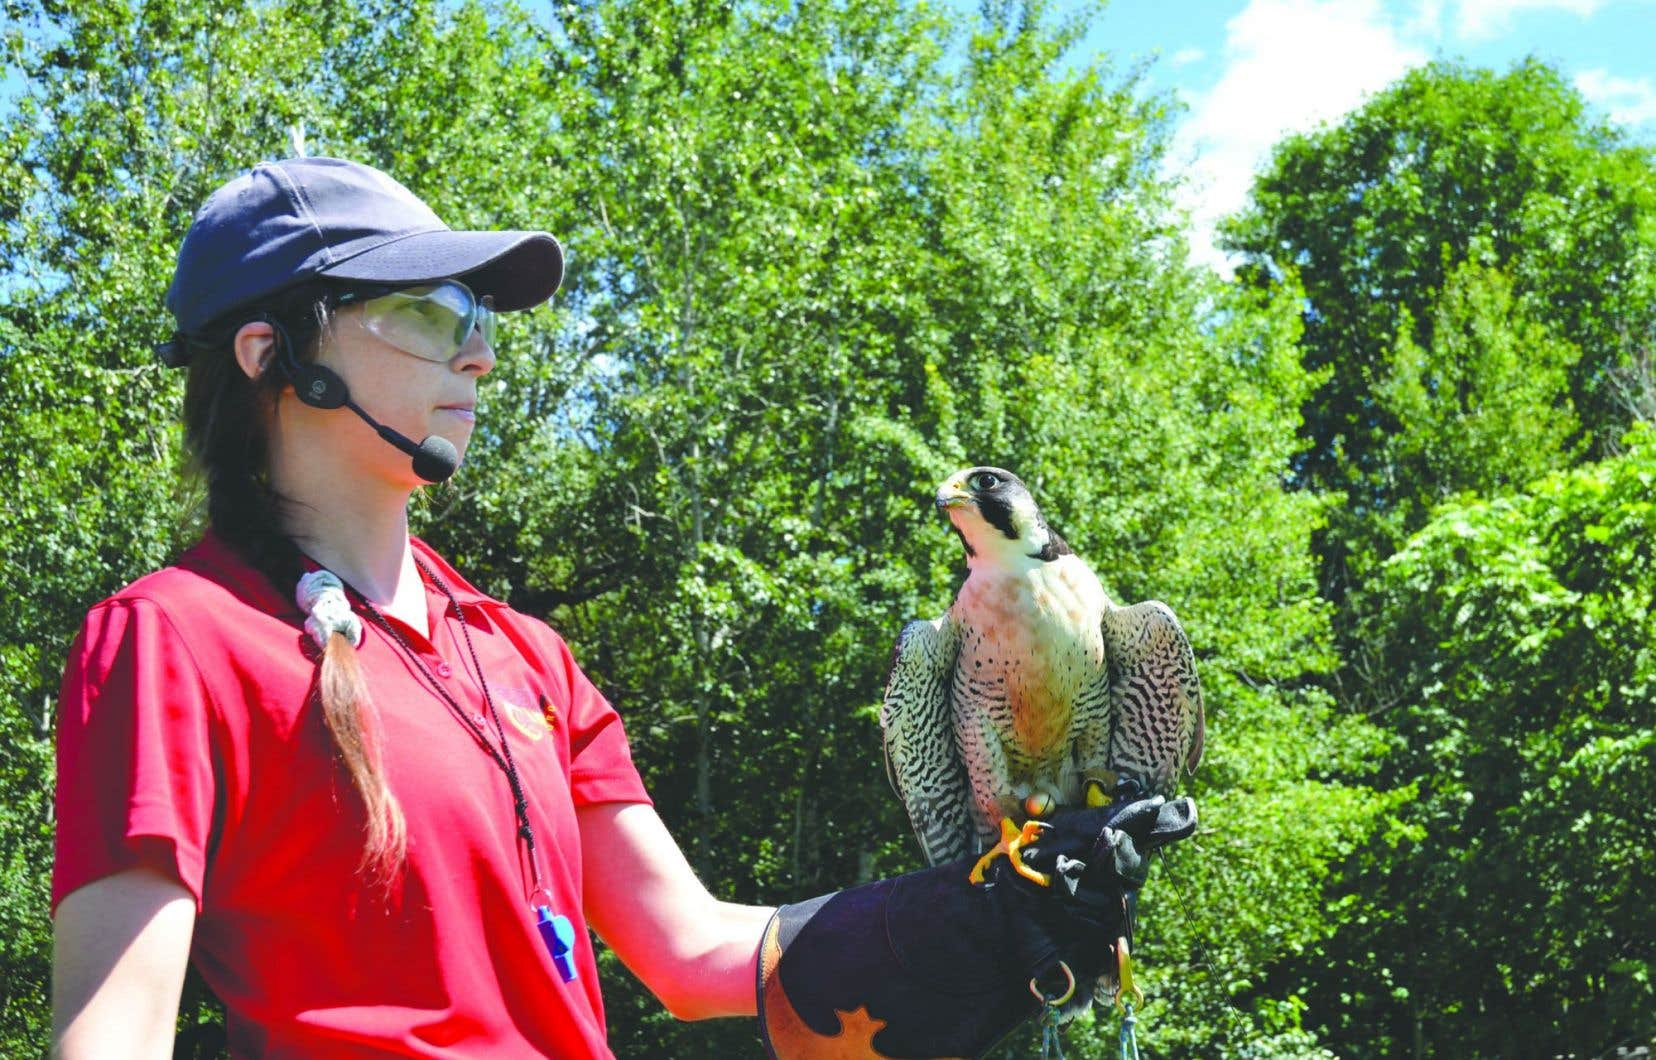 Le faucon pèlerin, réputé le plus rapide au monde en piqué, effectue des va-et-vient au-dessus du public sidéré, frôle les têtes, puis mord à l'hameçon du leurre que lui présente la naturaliste.